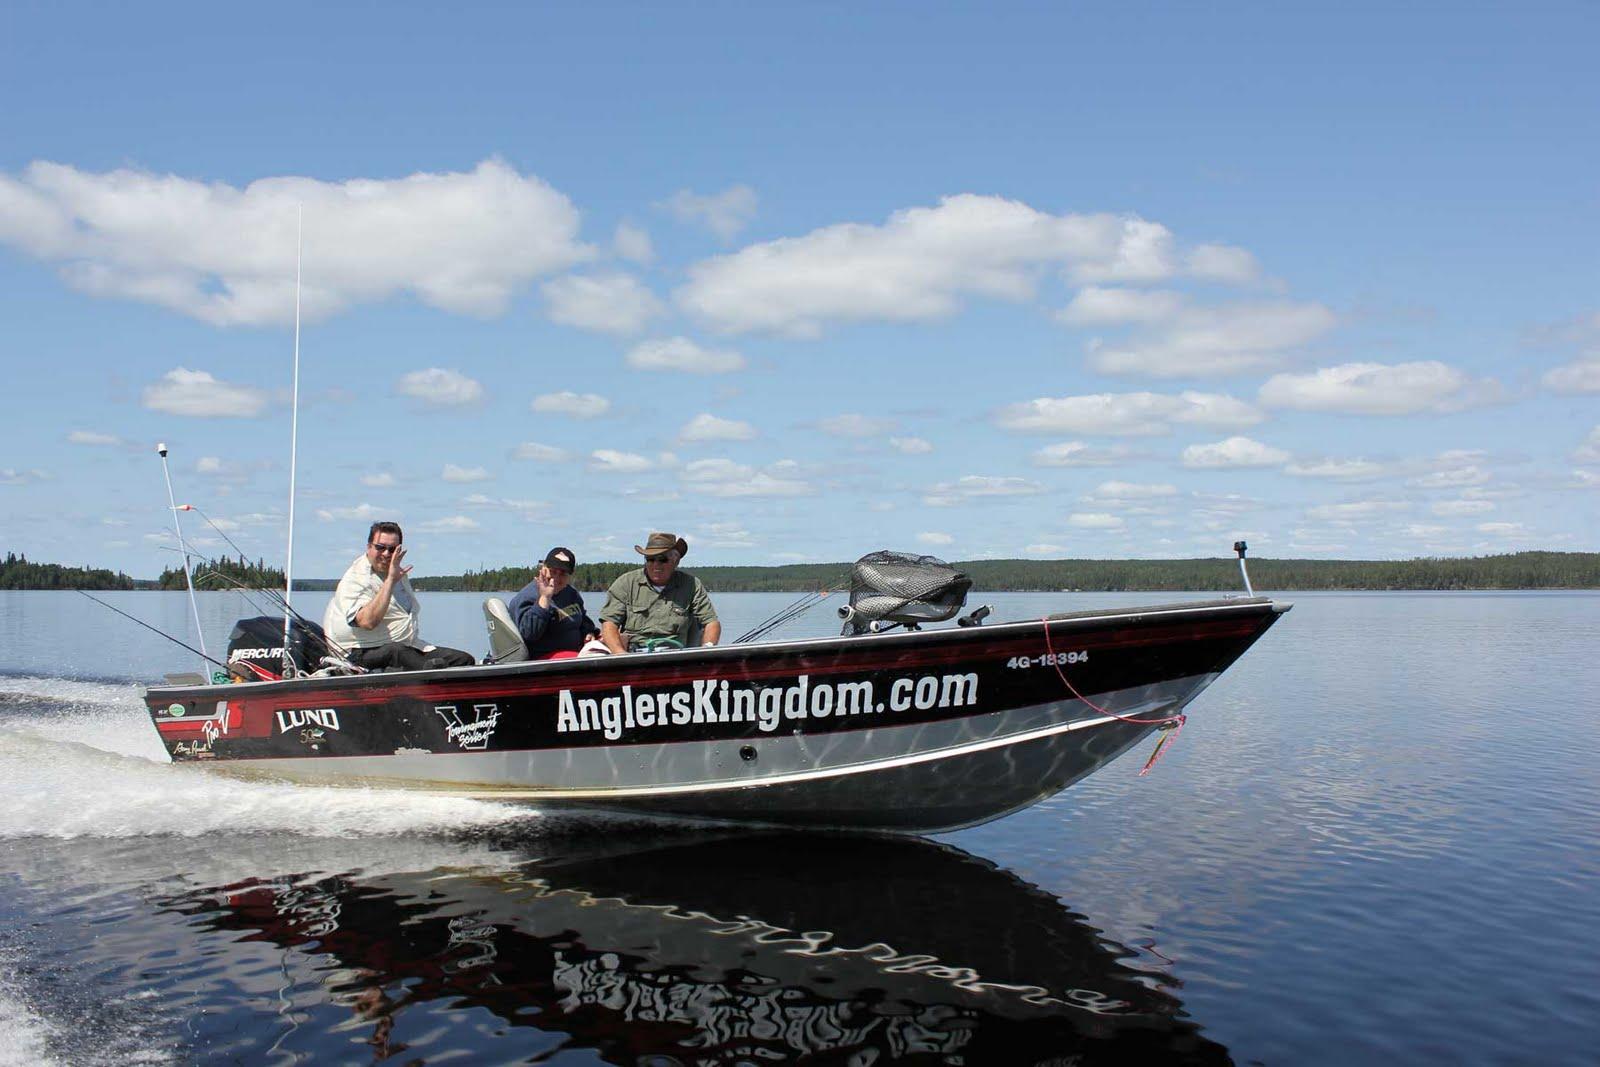 angler's kingdom boat